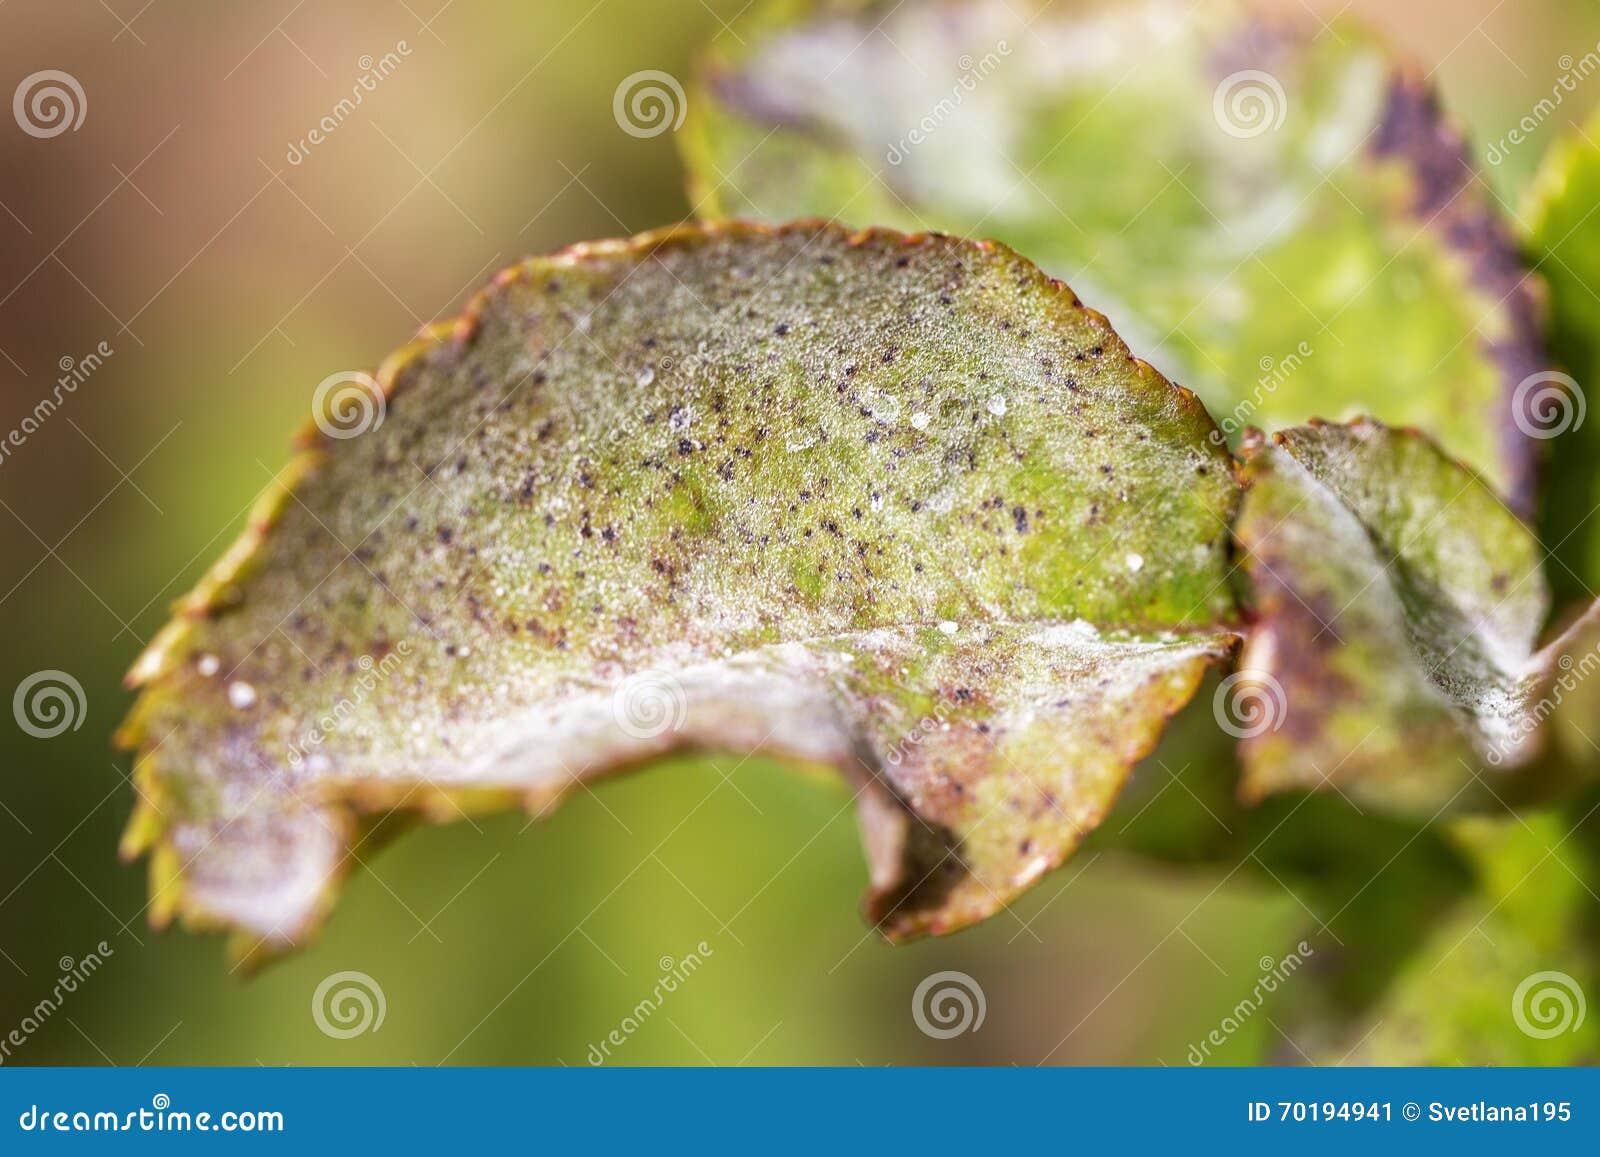 Parassiti malattie delle piante primo piano dell 39 oidio for Parassiti piante